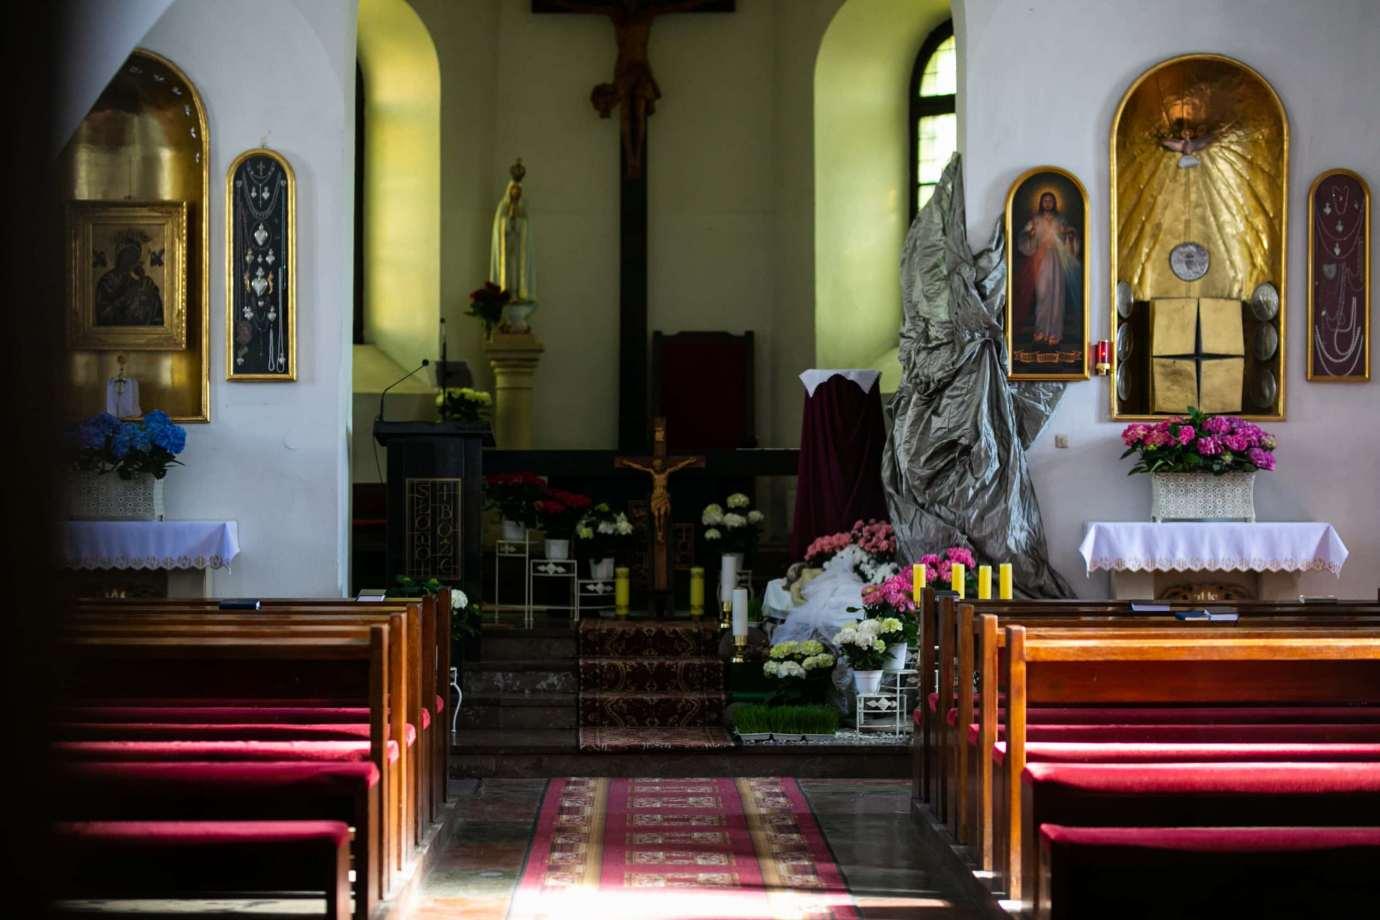 kosciol rektoralny redemptorystow pw sw mikolaja w zamosciu 2a Zdjęcia grobów pańskich w zamojskich świątyniach